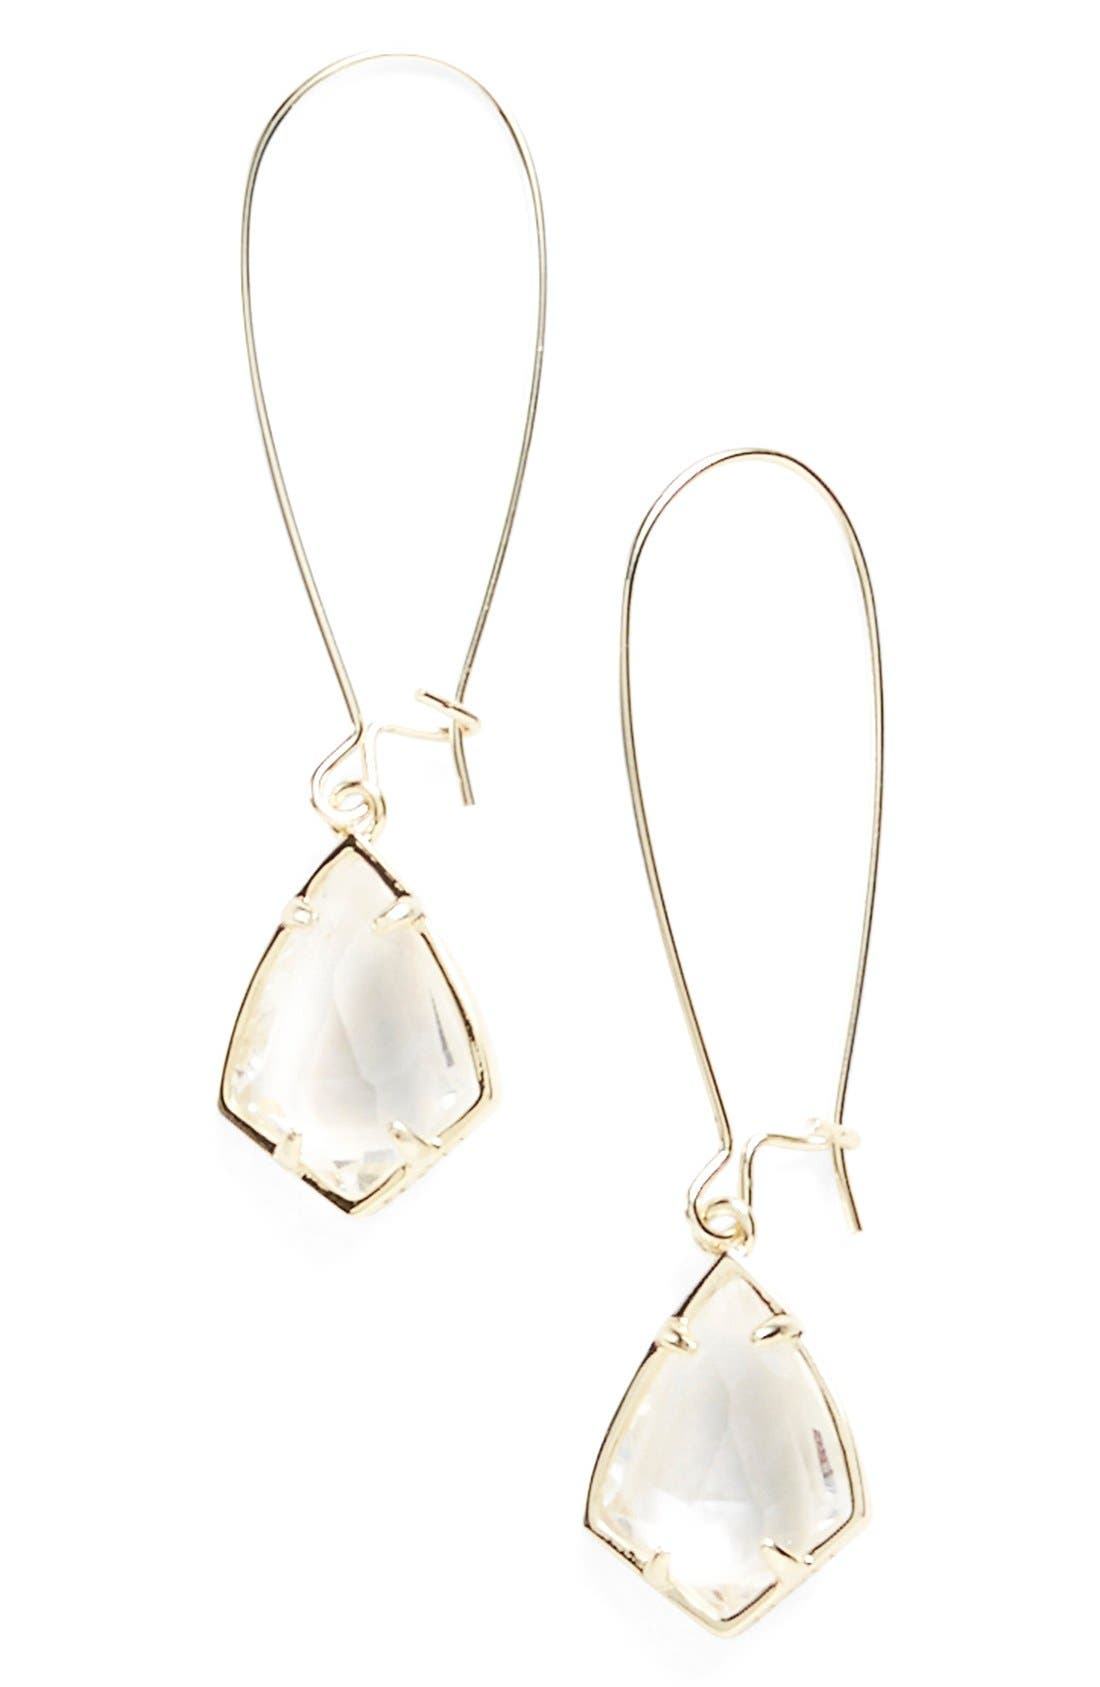 Main Image - Kendra Scott 'Carrine' Semiprecious Stone Drop Earrings